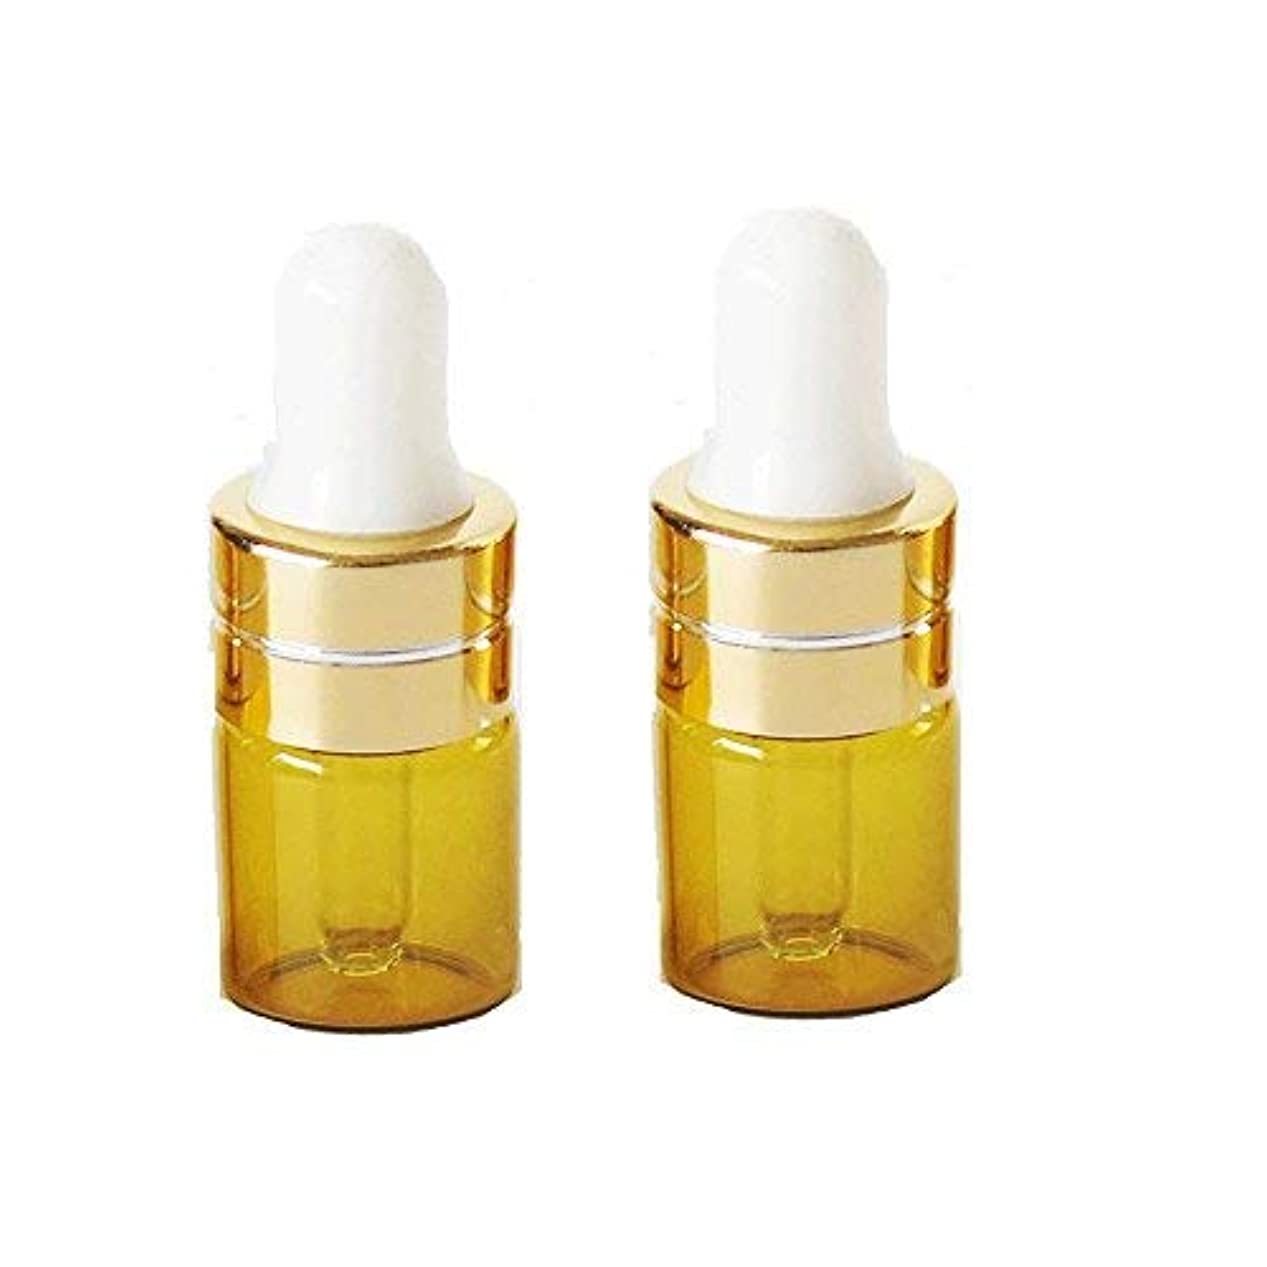 肌寒いシャベルインセンティブGrand Parfums 1ml Amber Glass Dropper Bottles with Gold Caps and White Bulb for Essential Oil, Serums, Makeups (12 Sets) (6 Sets) [並行輸入品]